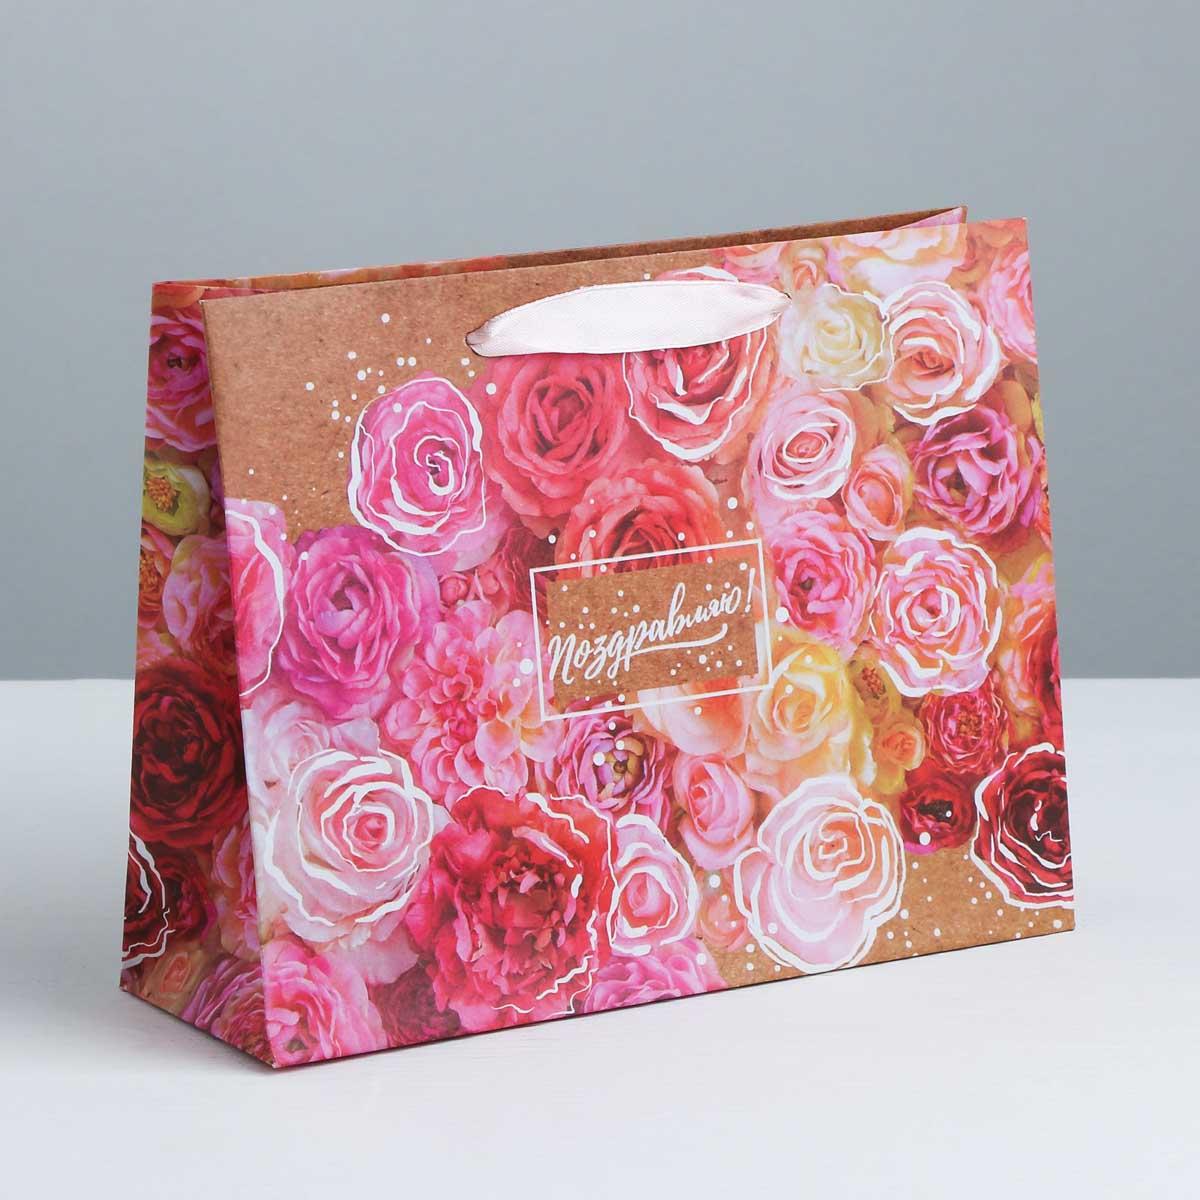 3680925 Пакет крафтовый горизонтальный «Цветочное настроение», L 40*31*9 см